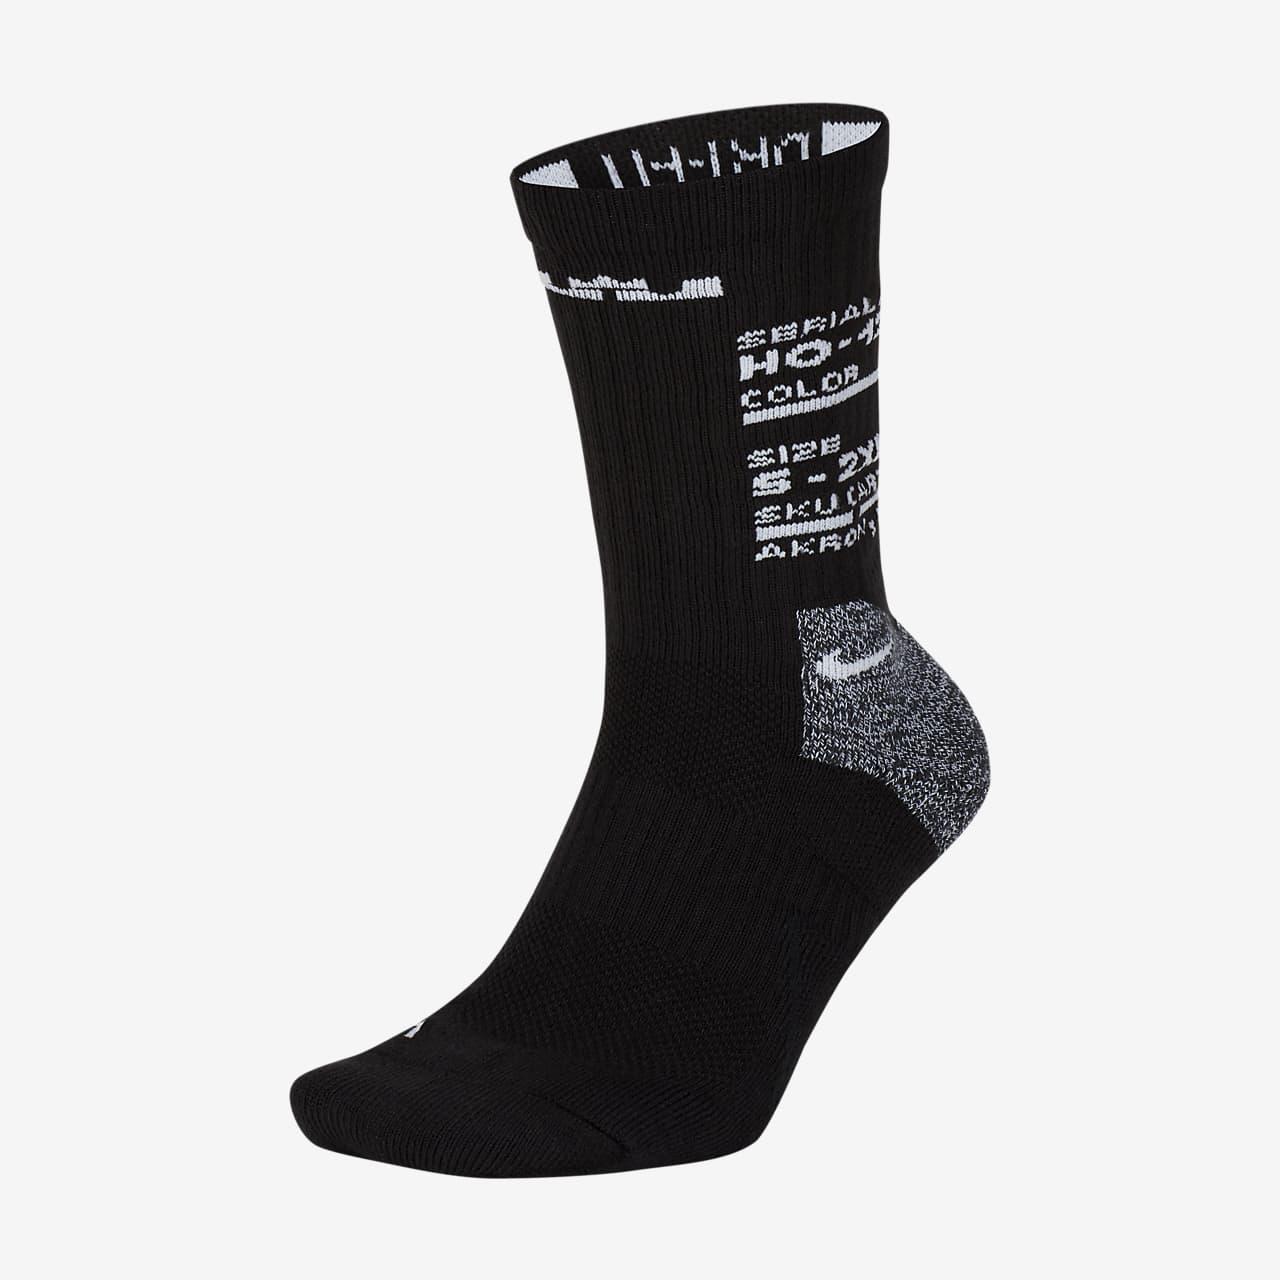 Κάλτσες μπάσκετ μεσαίου ύψους LeBron Elite